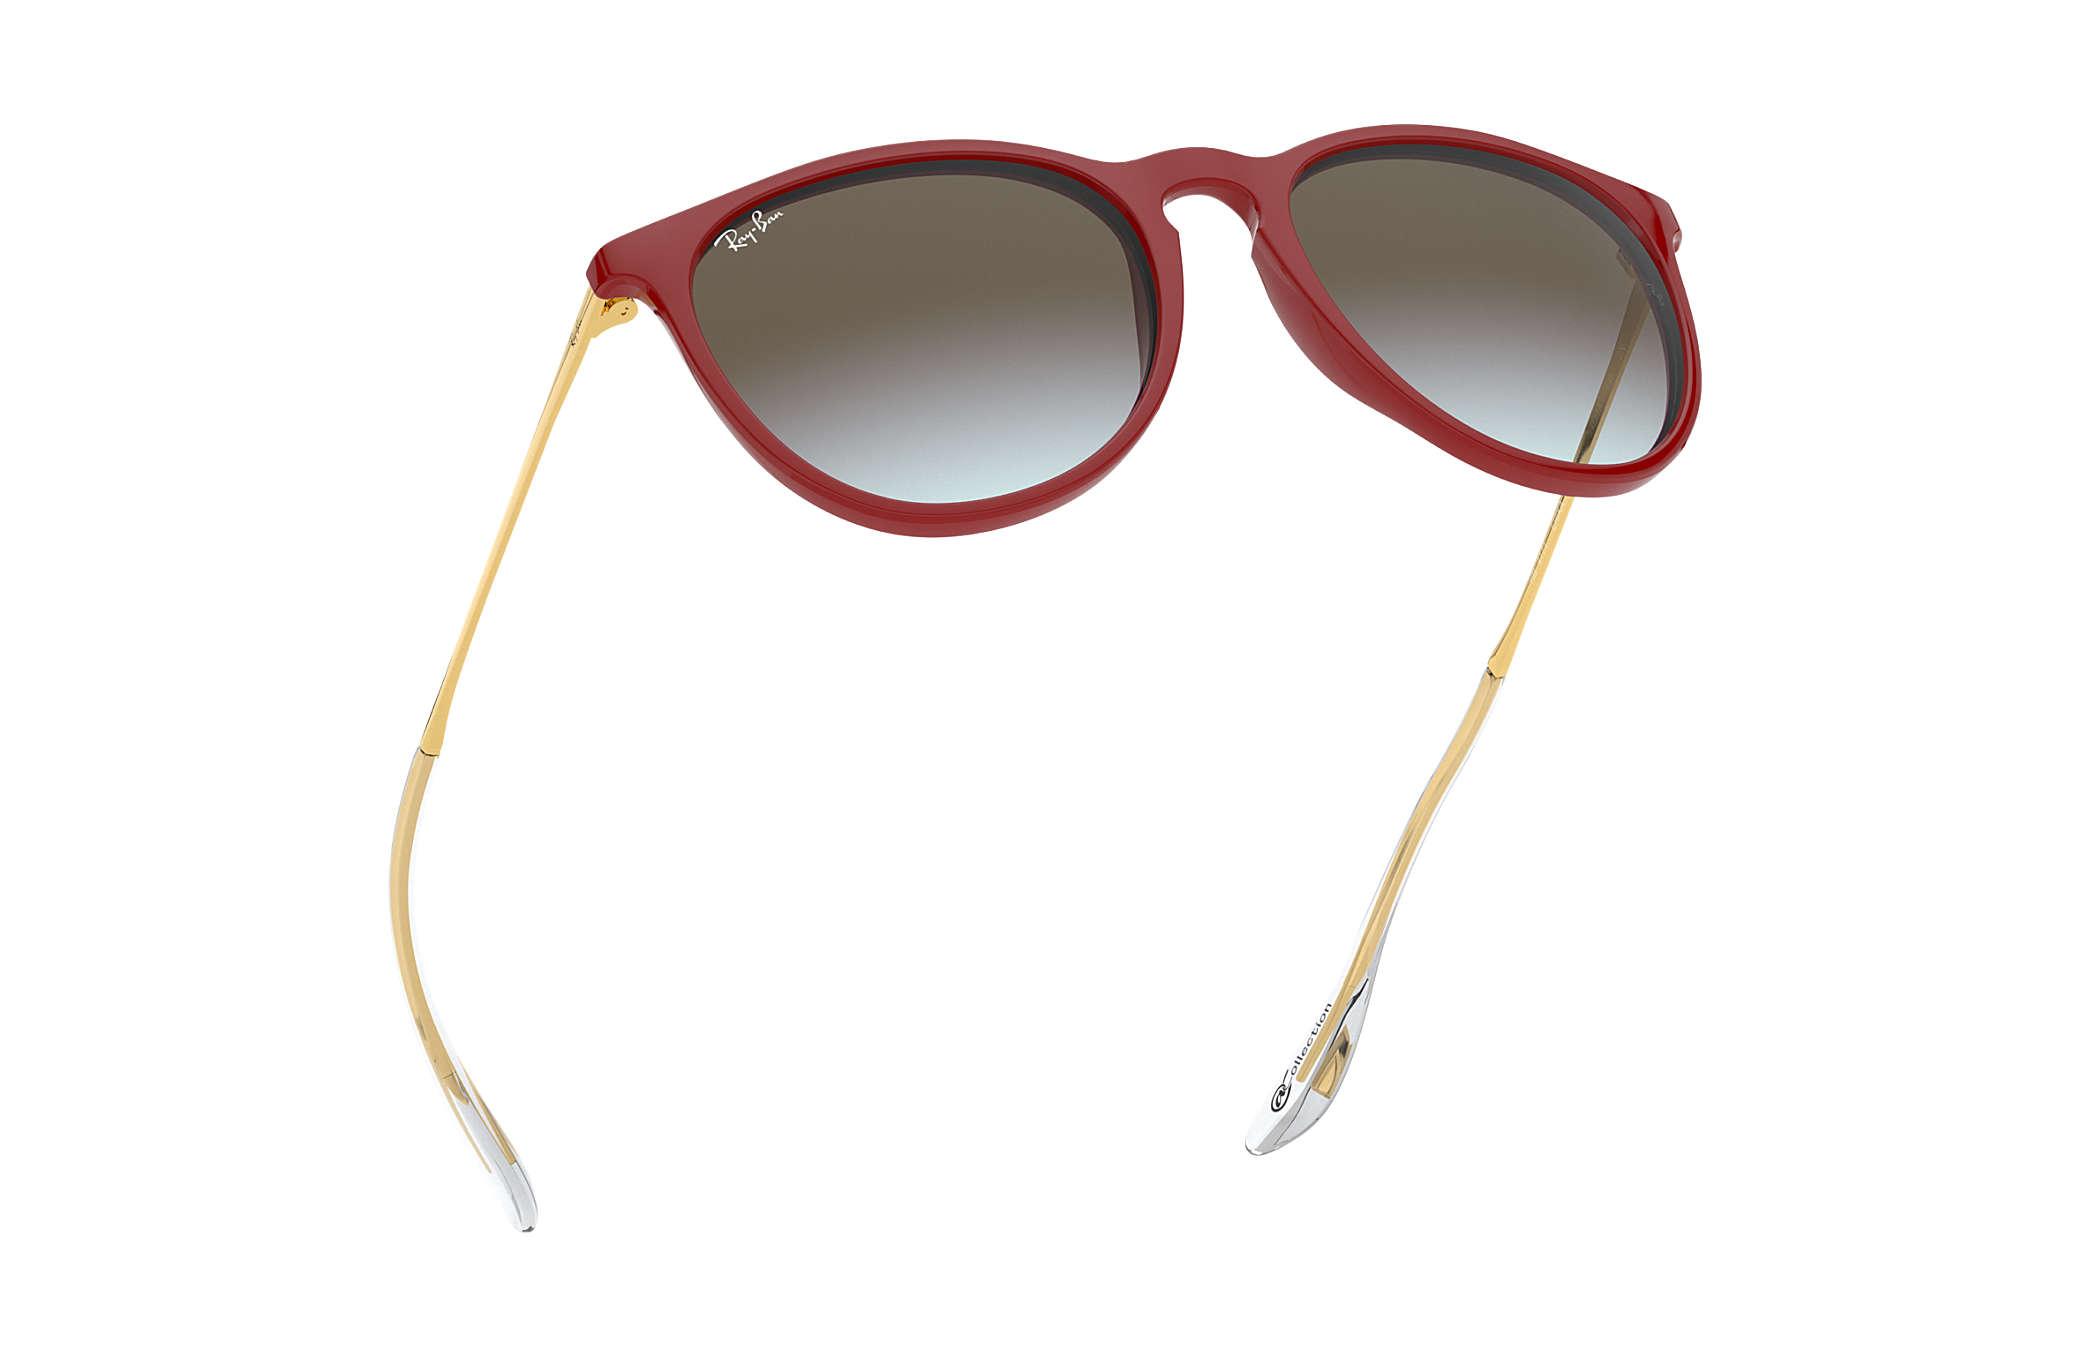 a39d692ad3 Ray-Ban Erika @collection RB4171 Rojo - Nylon - Lentes Marrón ...